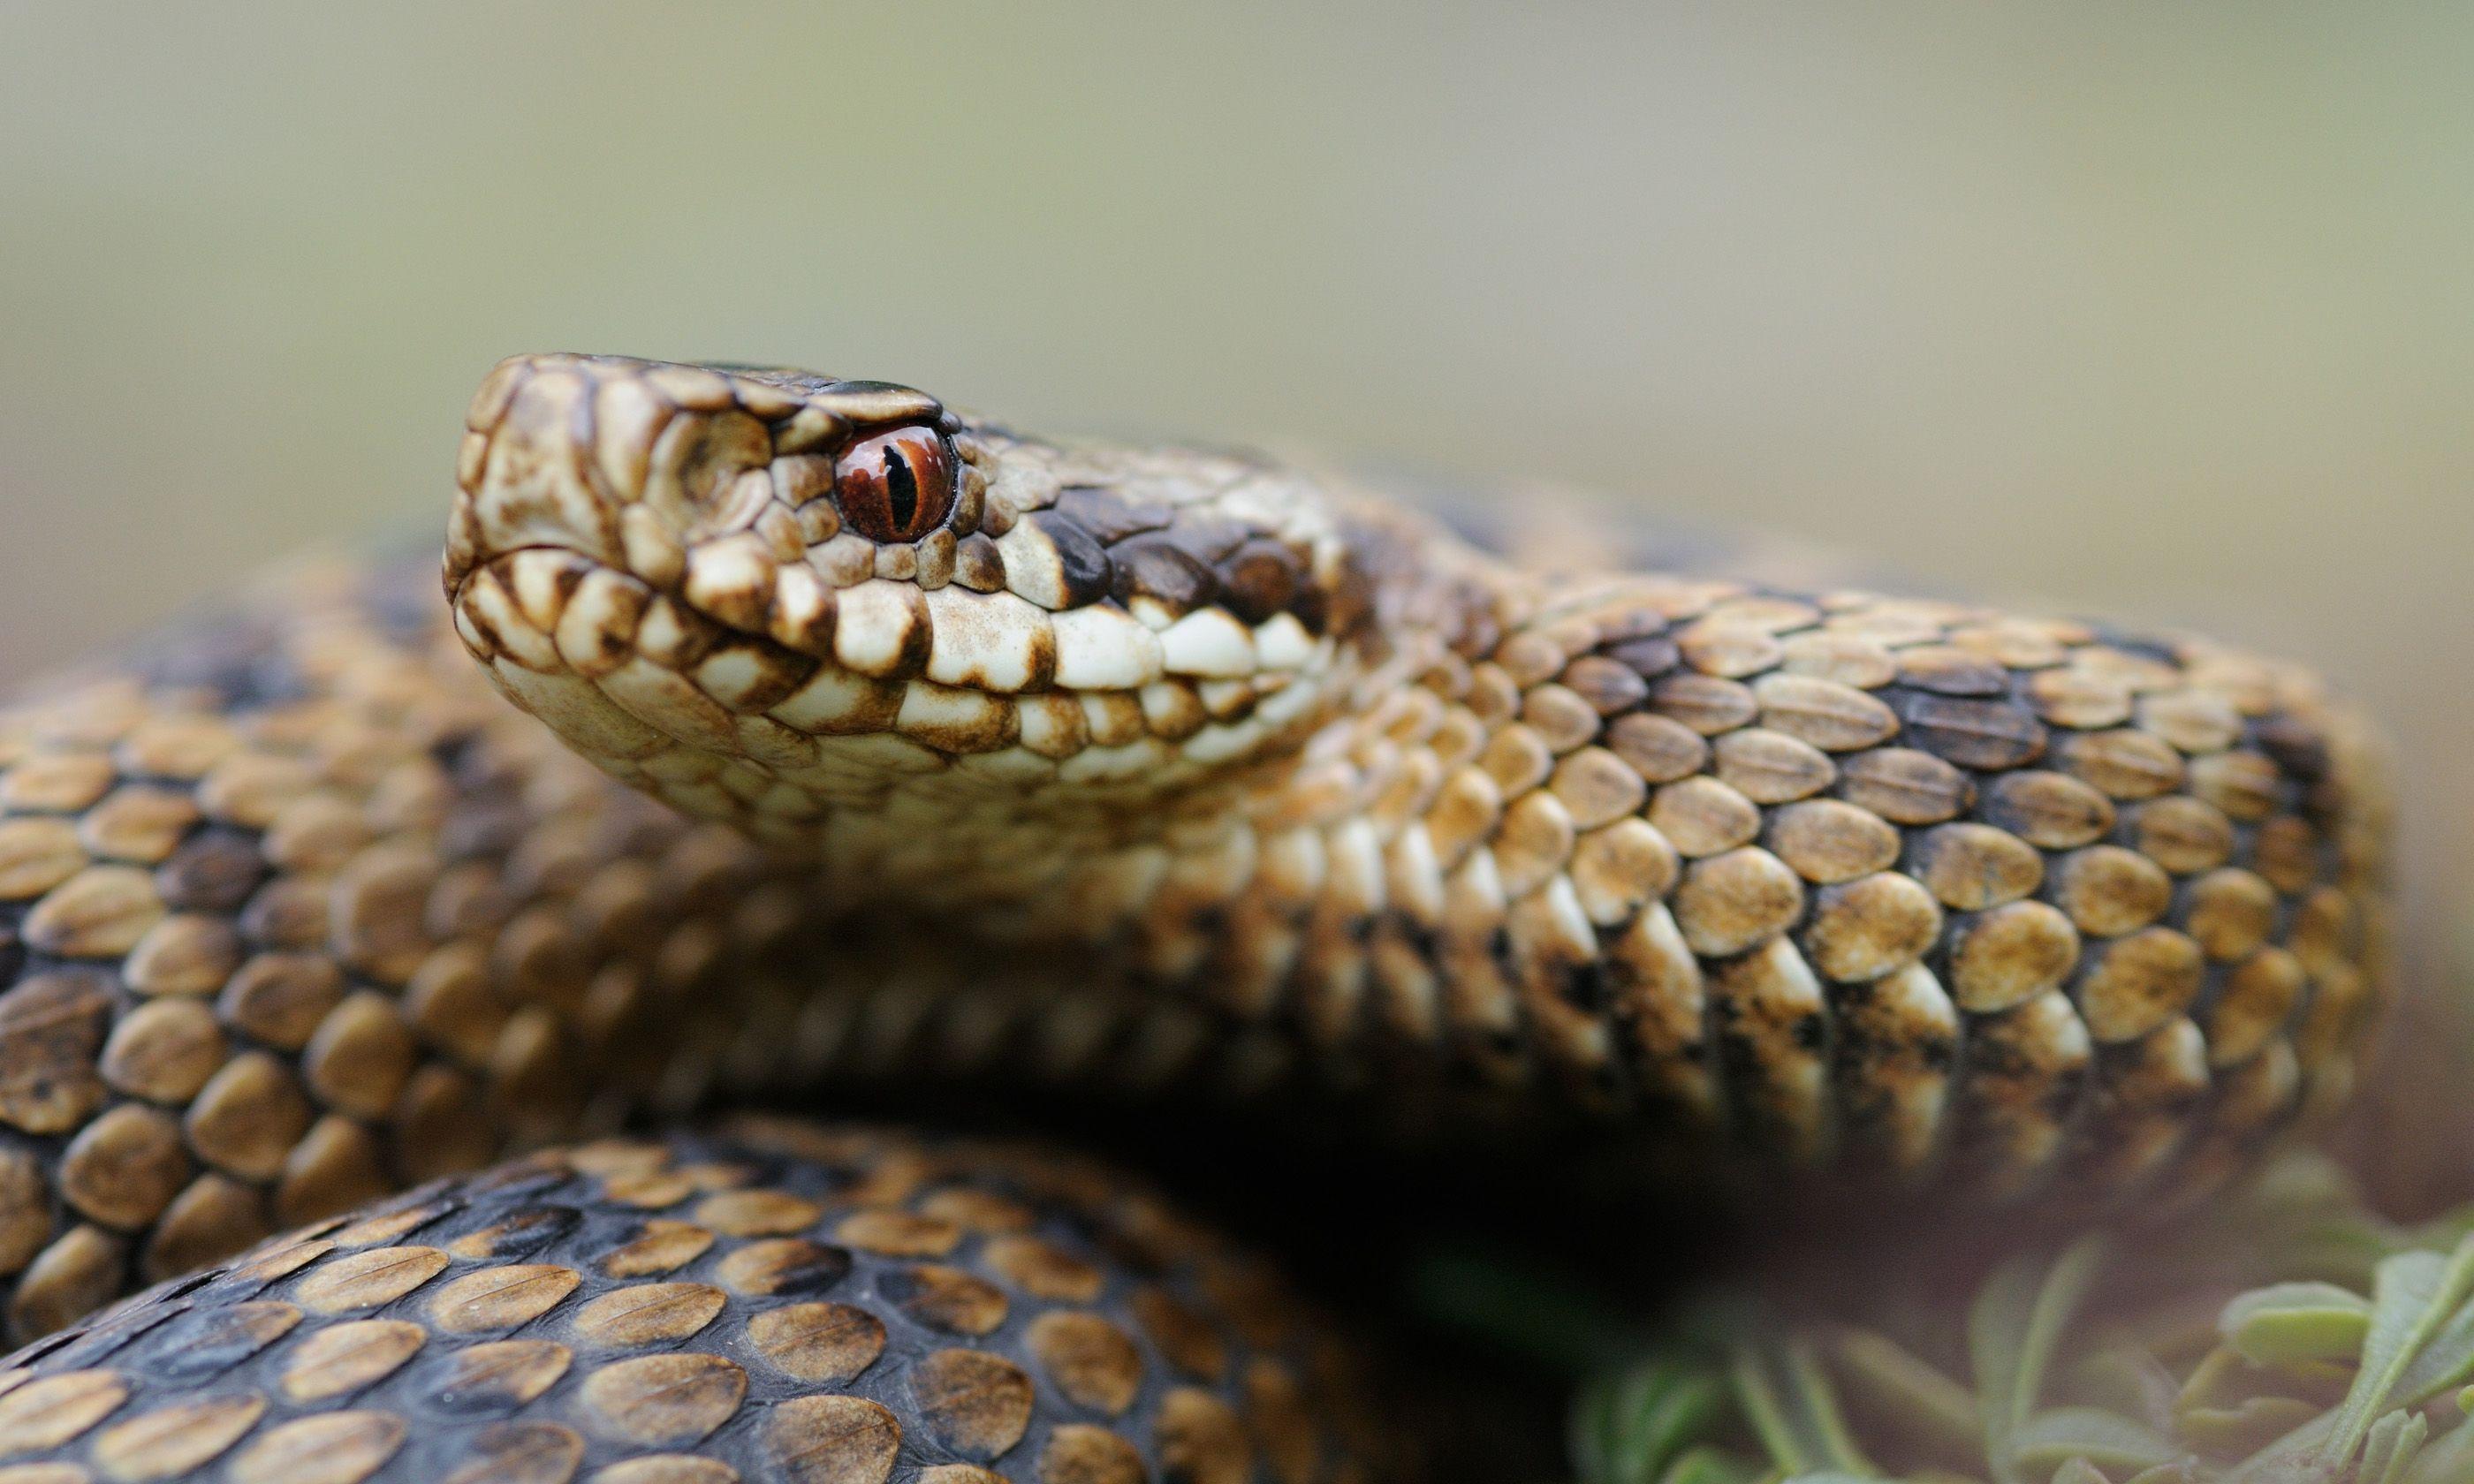 European adder (Shutterstock.com)